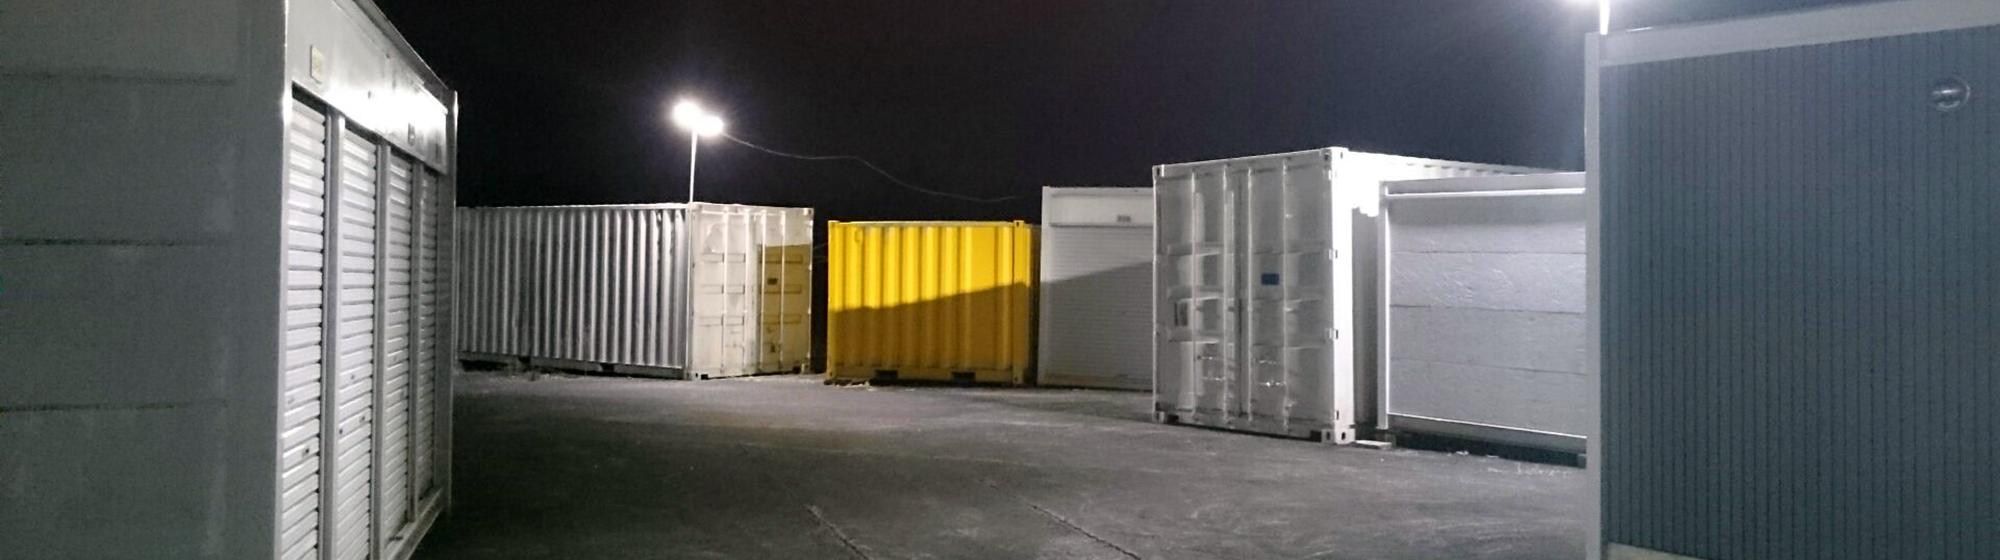 レンタル倉庫夜間照明